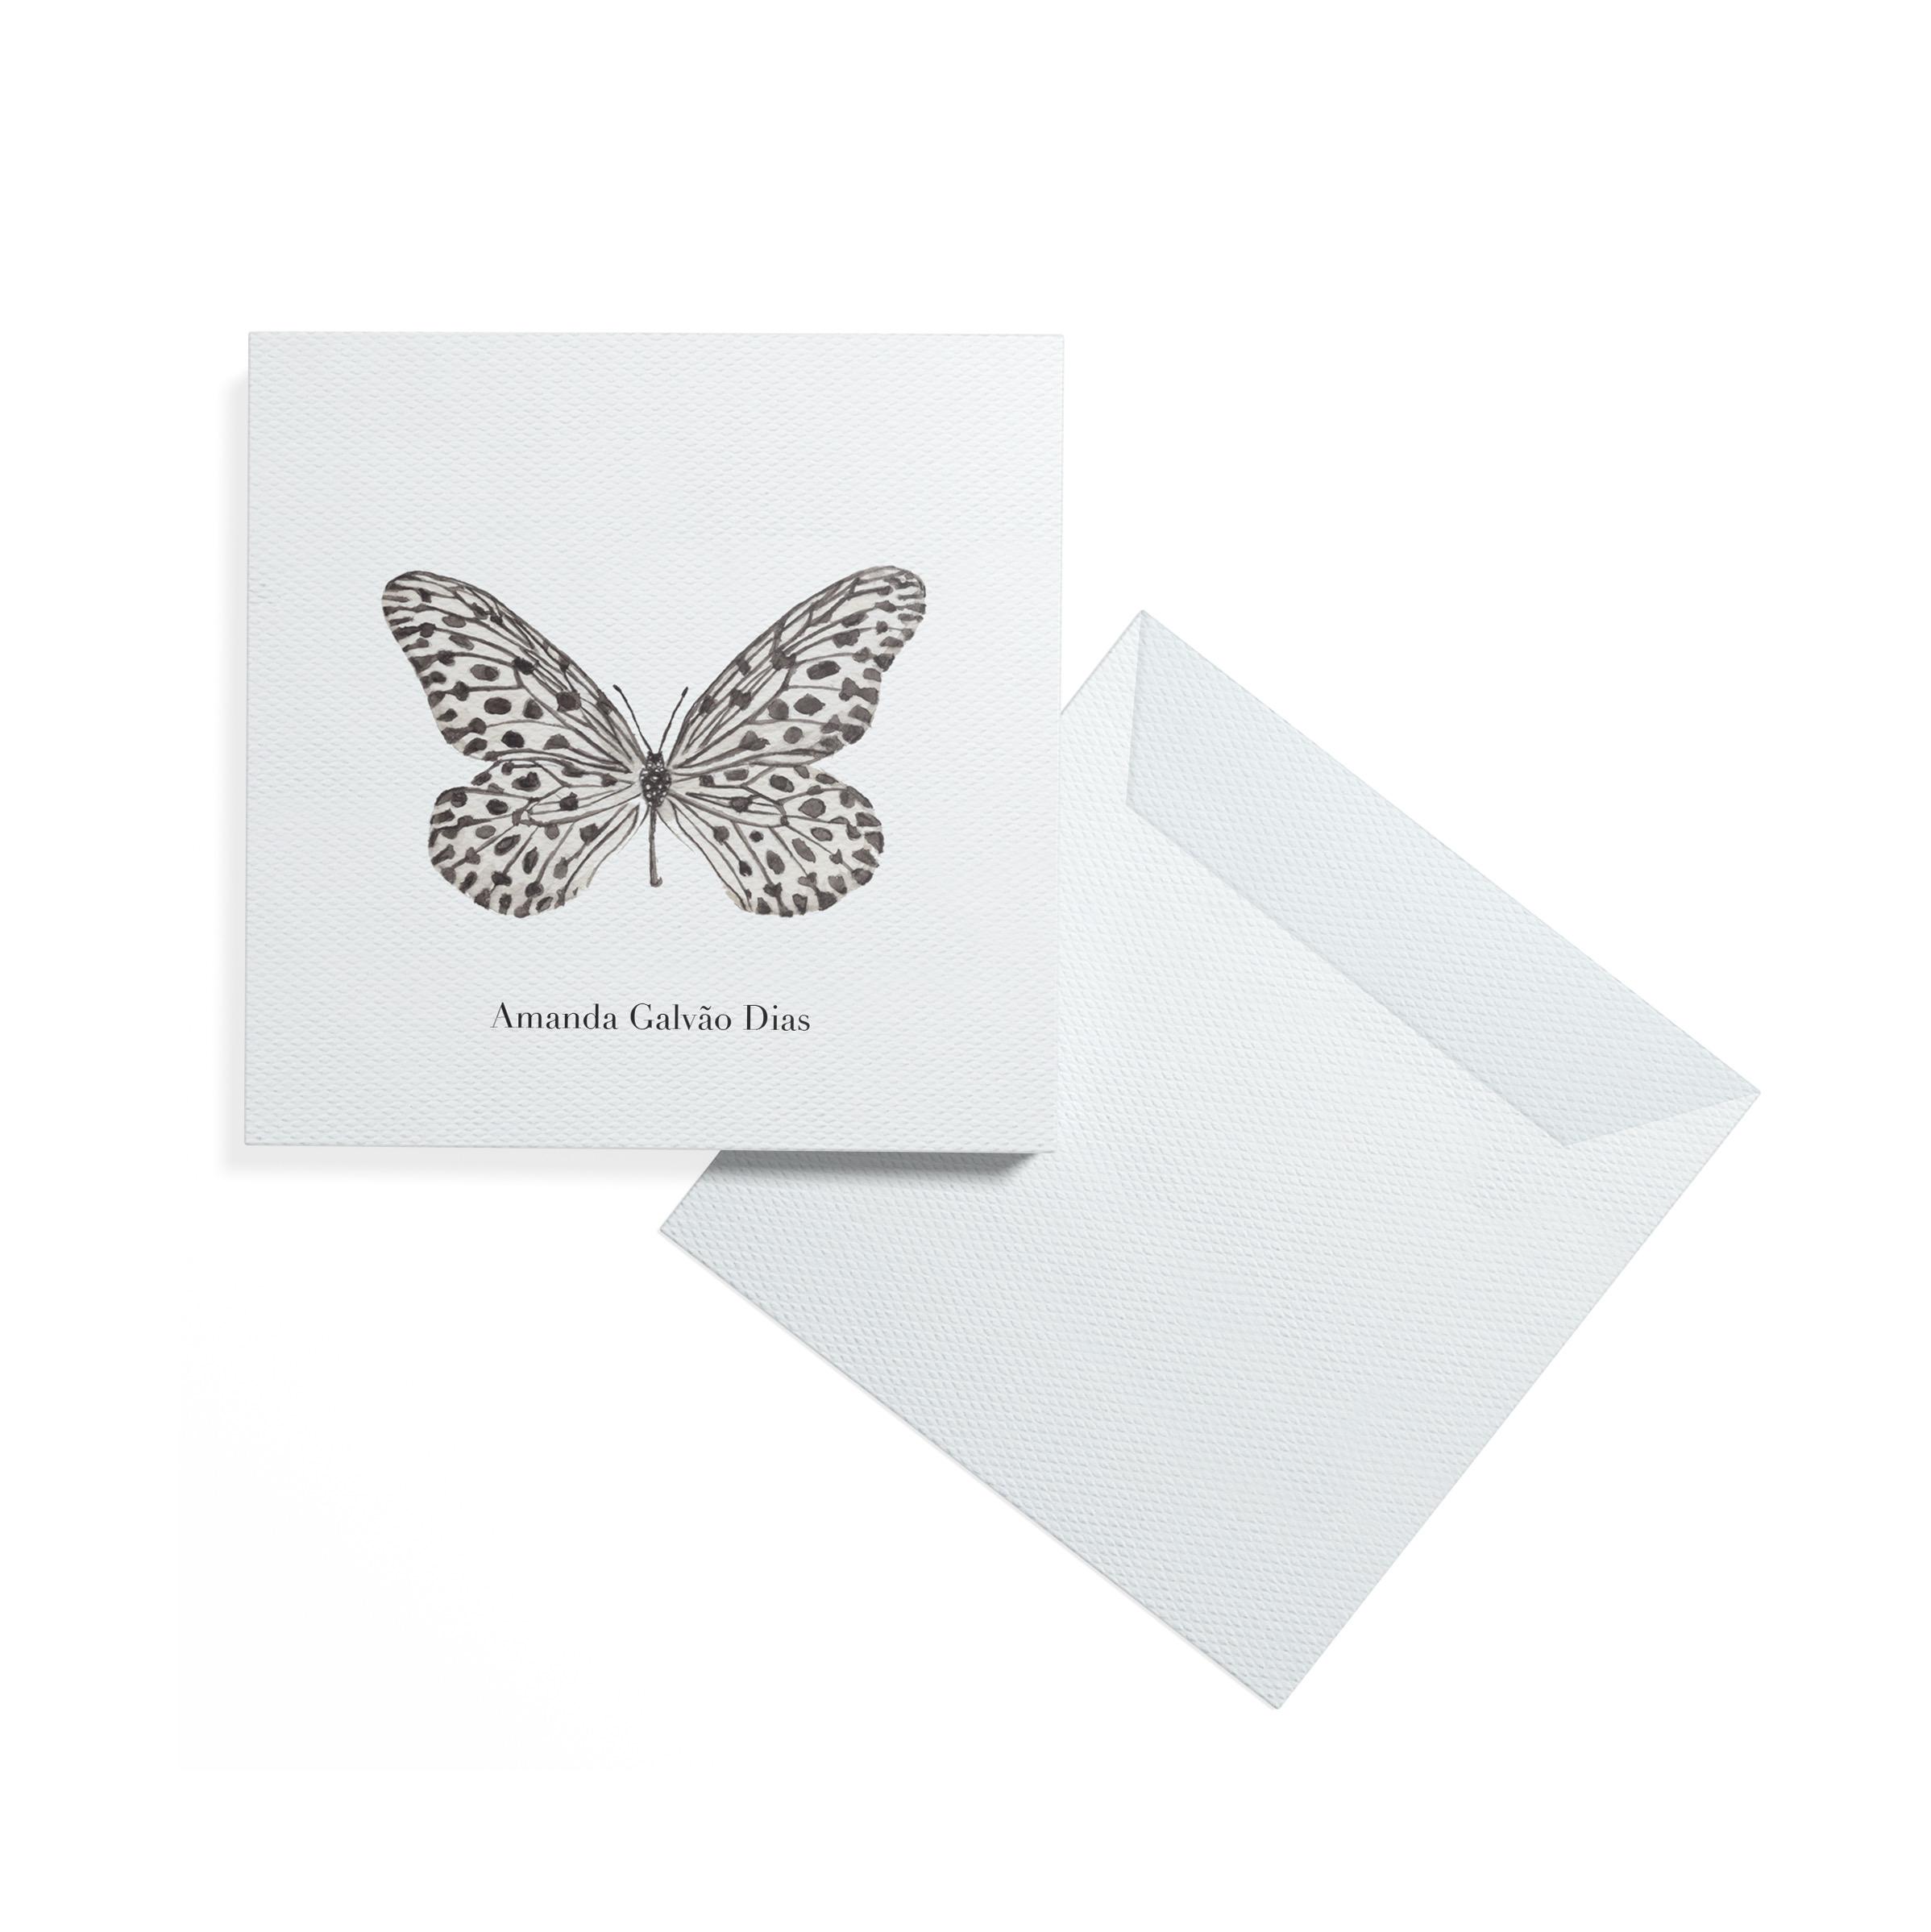 cartão_modelo_fundo_branco_borboleta_pe